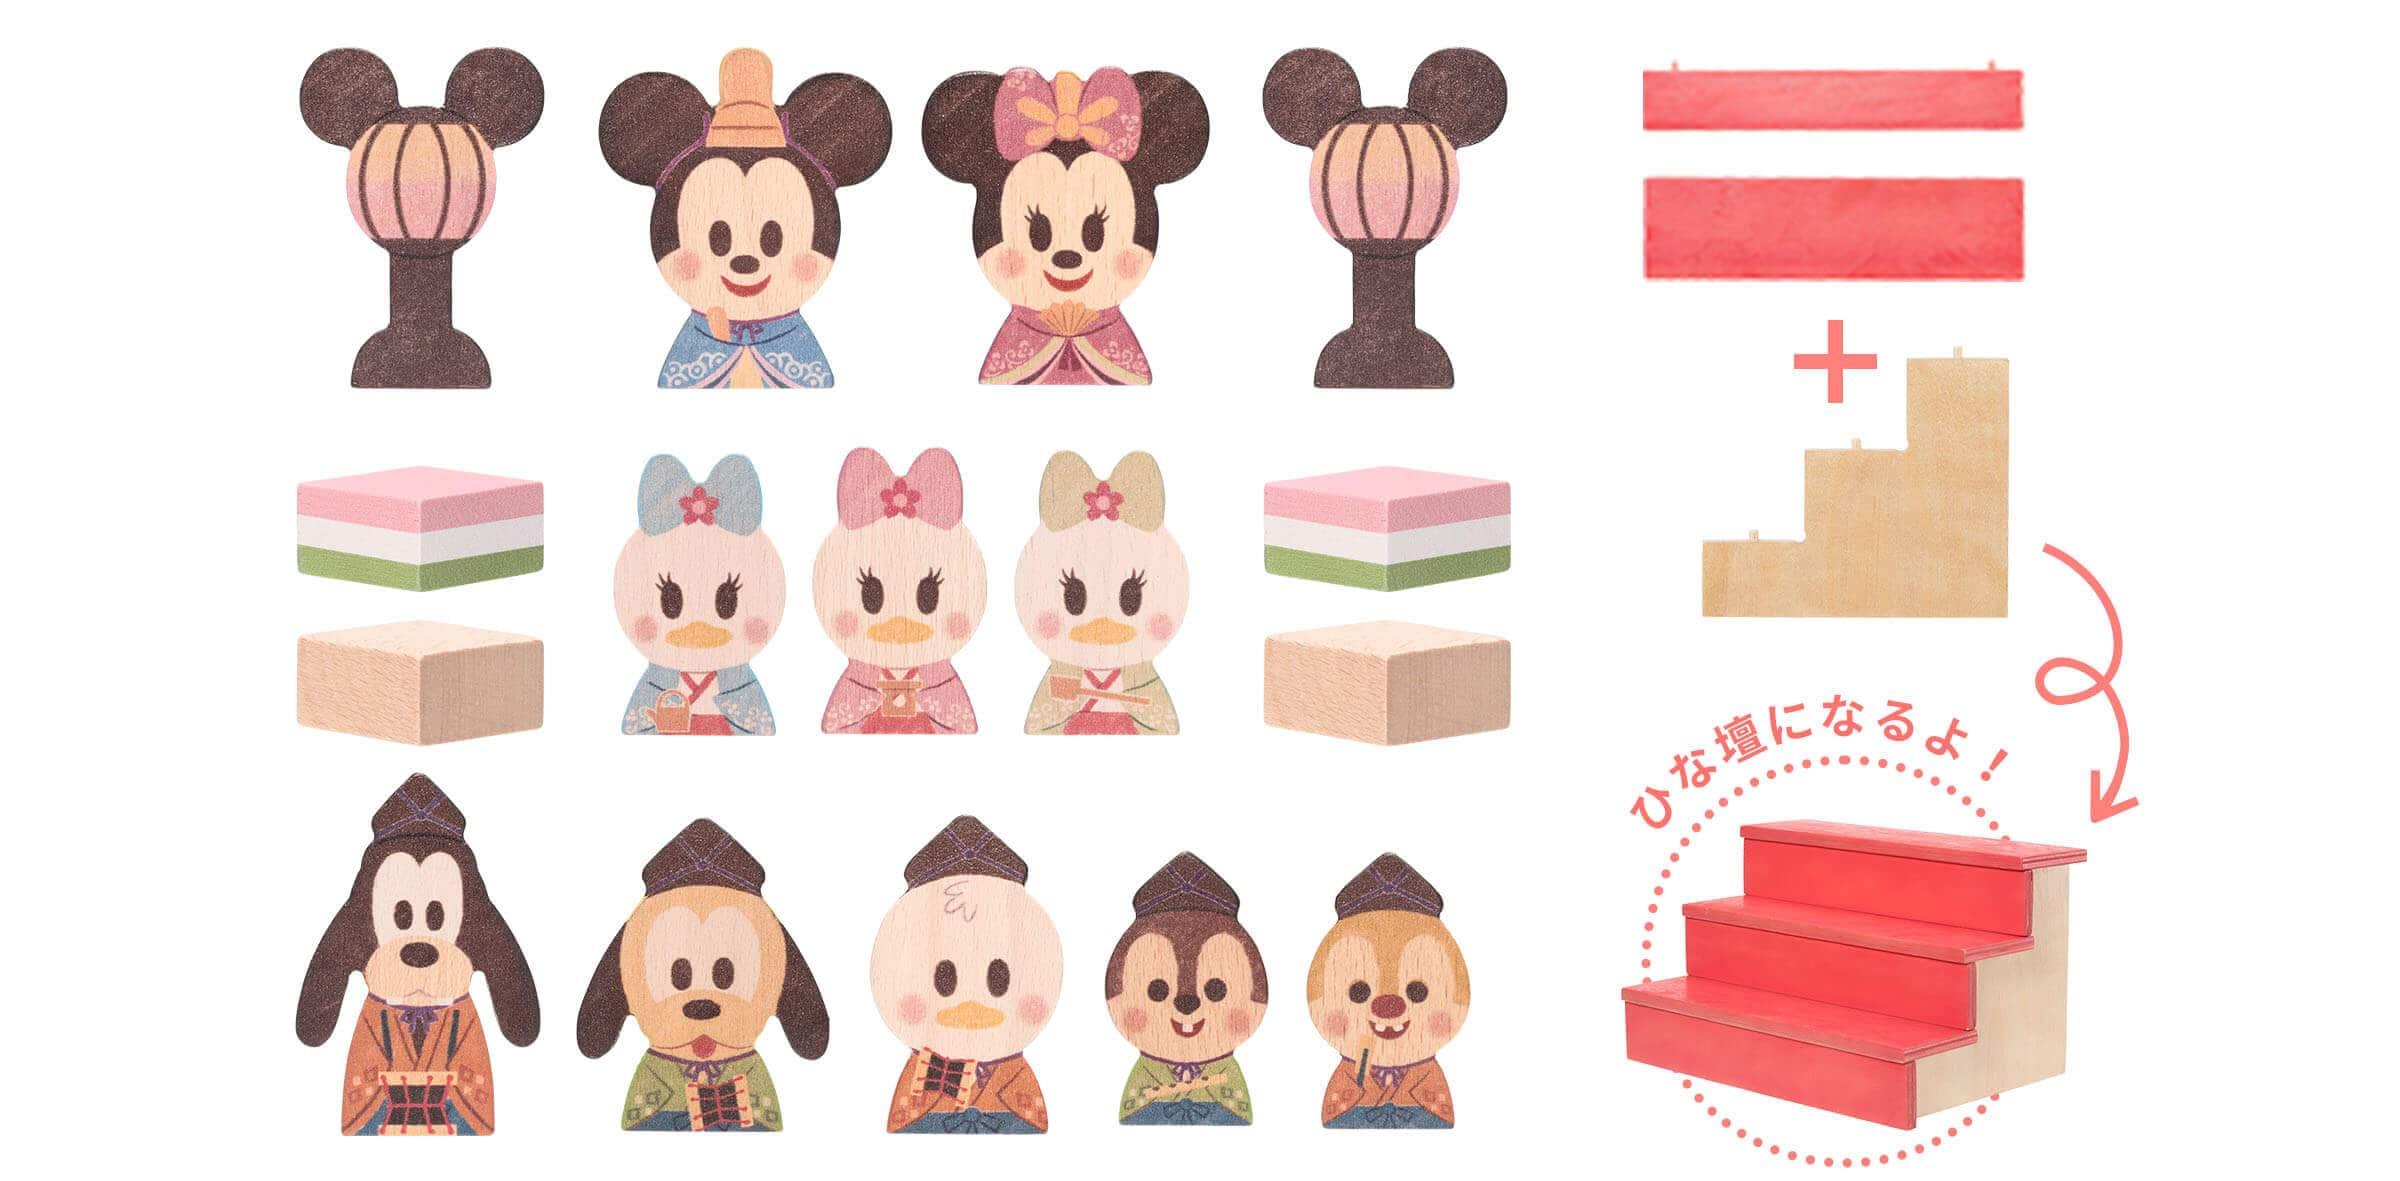 Disney KIDEA BLOCK<ひなまつり>セット内容